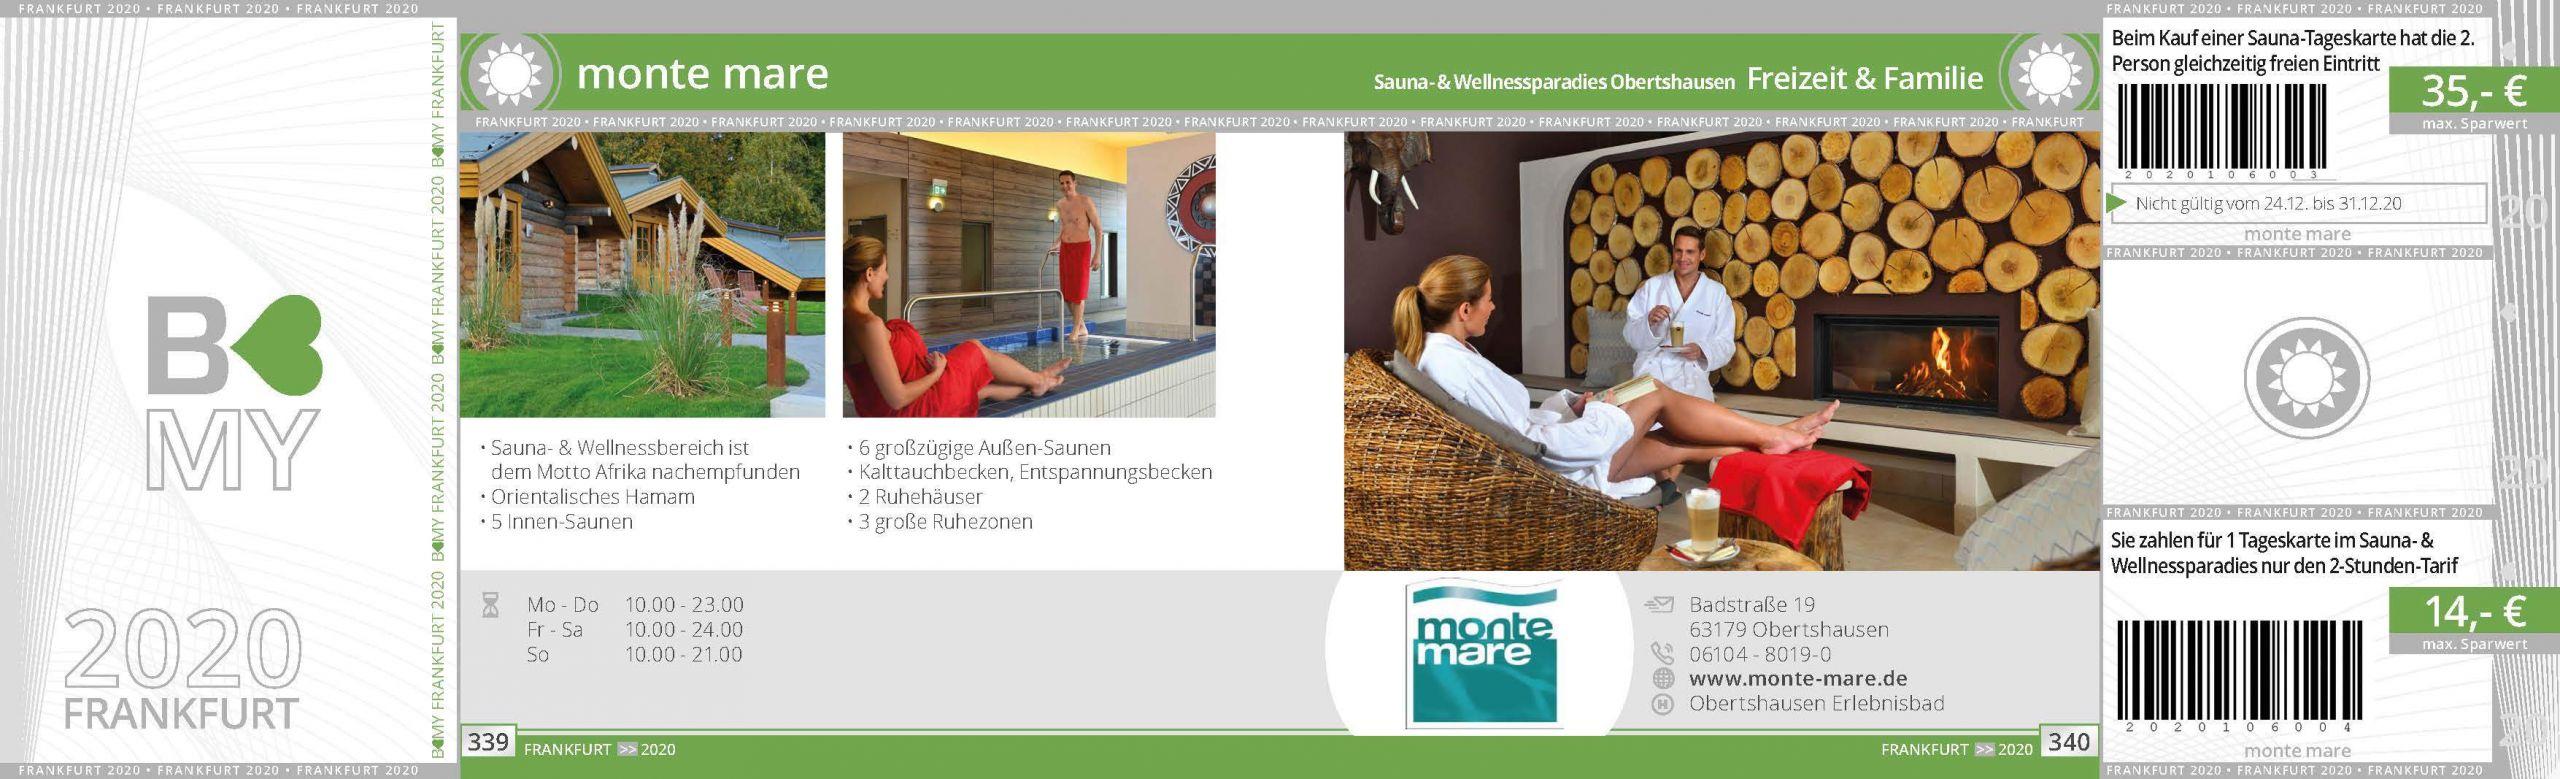 06 Freizeit Familie FFM20 Seite 28